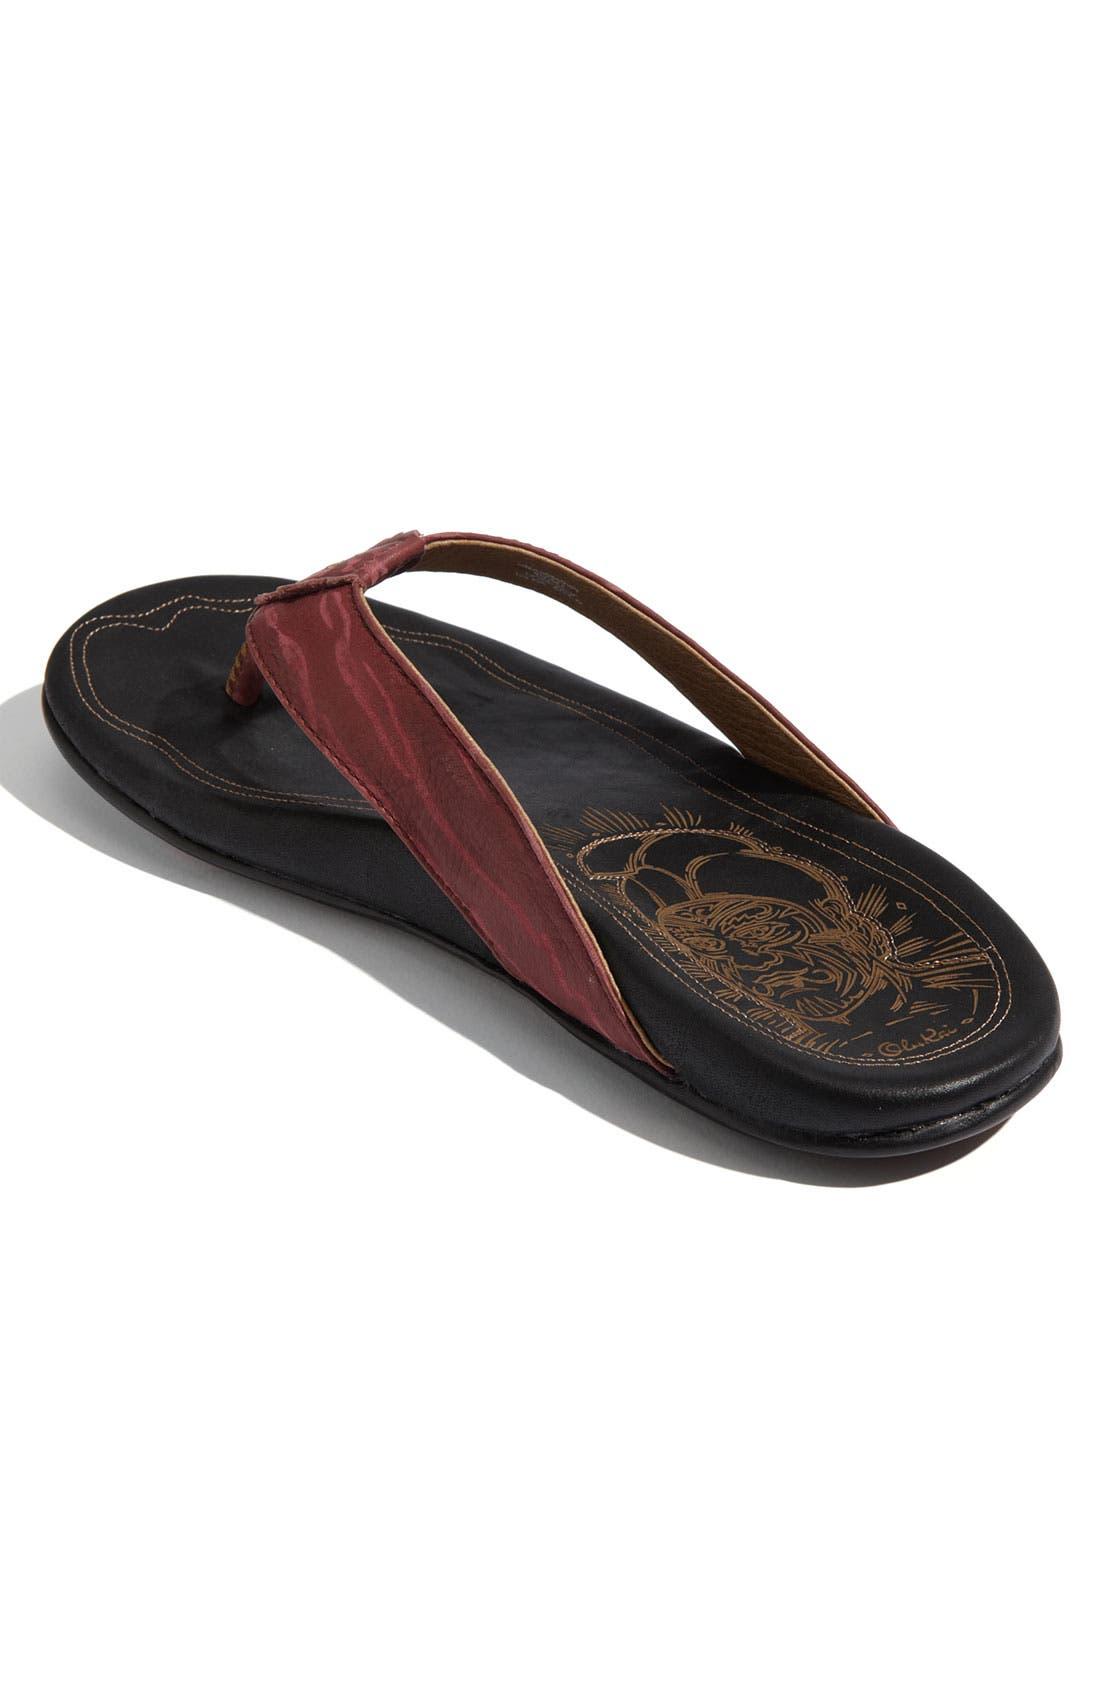 Alternate Image 2  - OluKai 'Pu'ali' Flip Flop